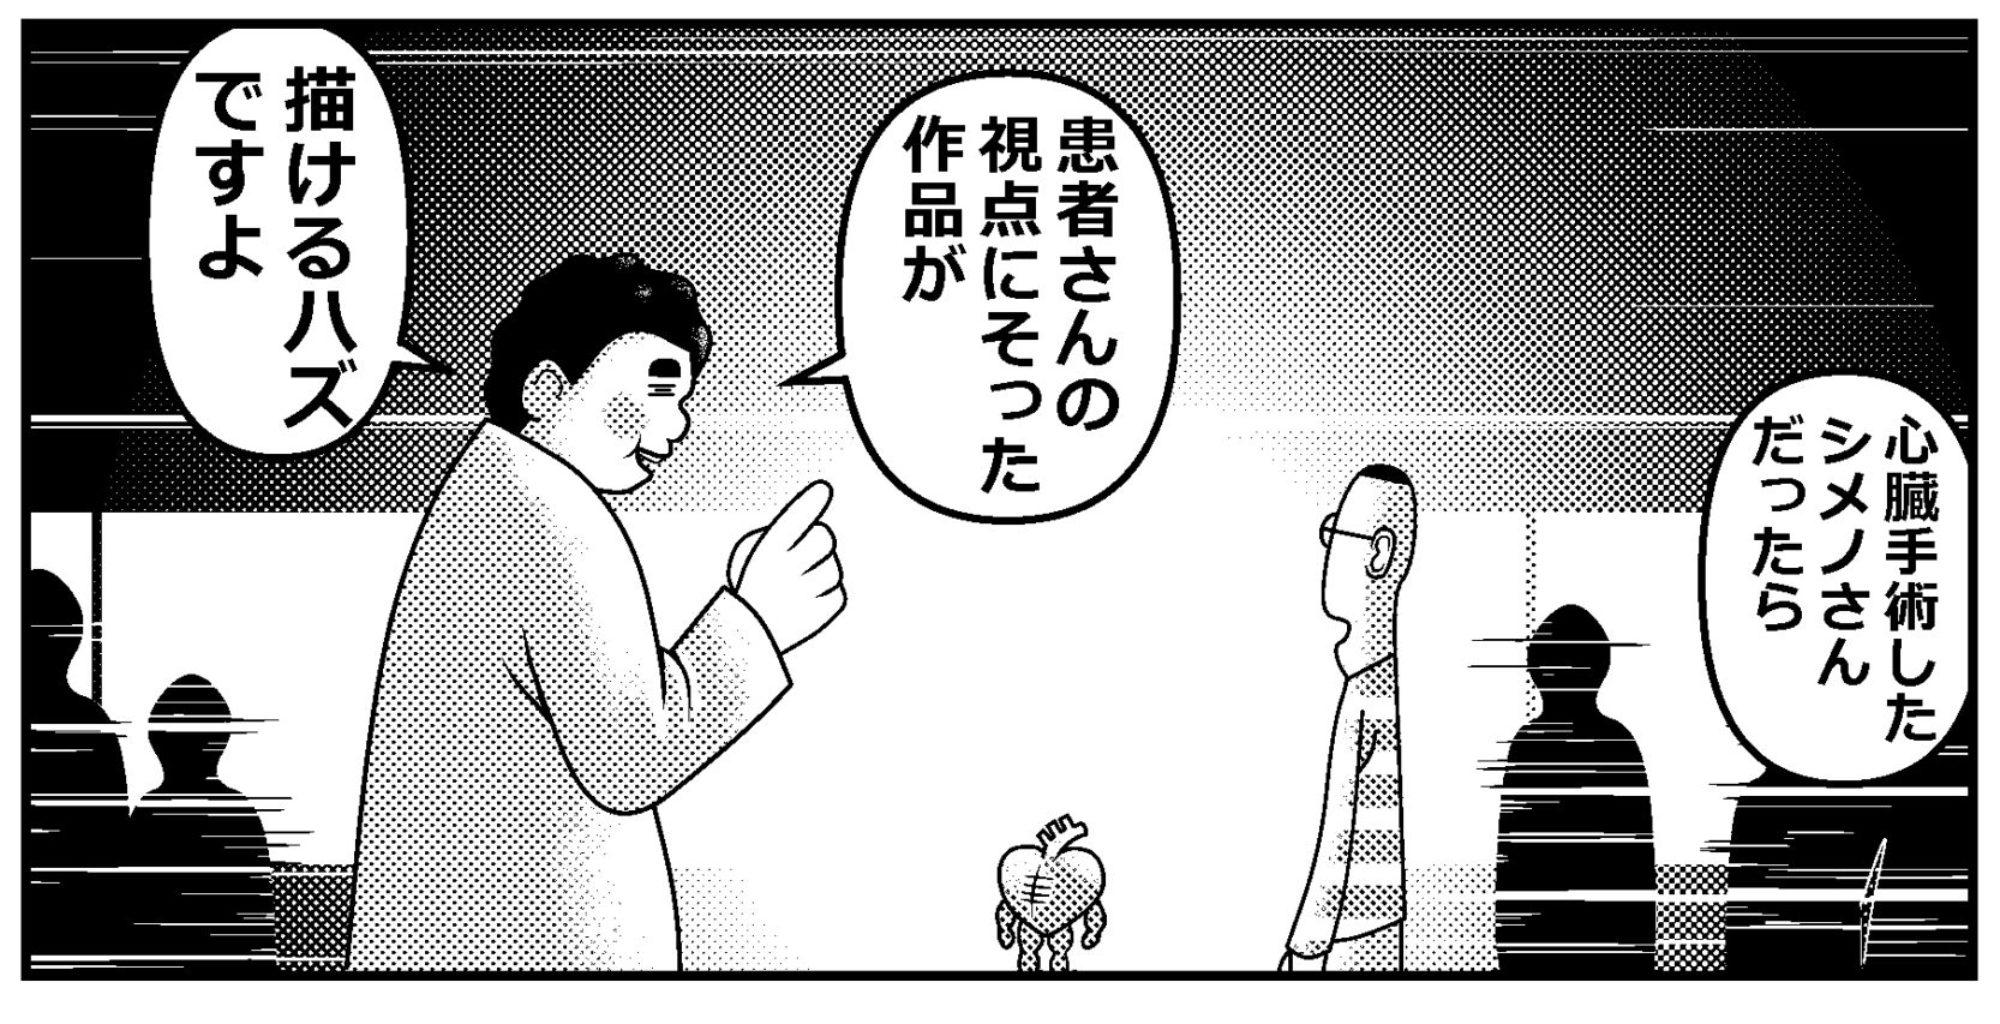 ハツ手術 シメノ シロー